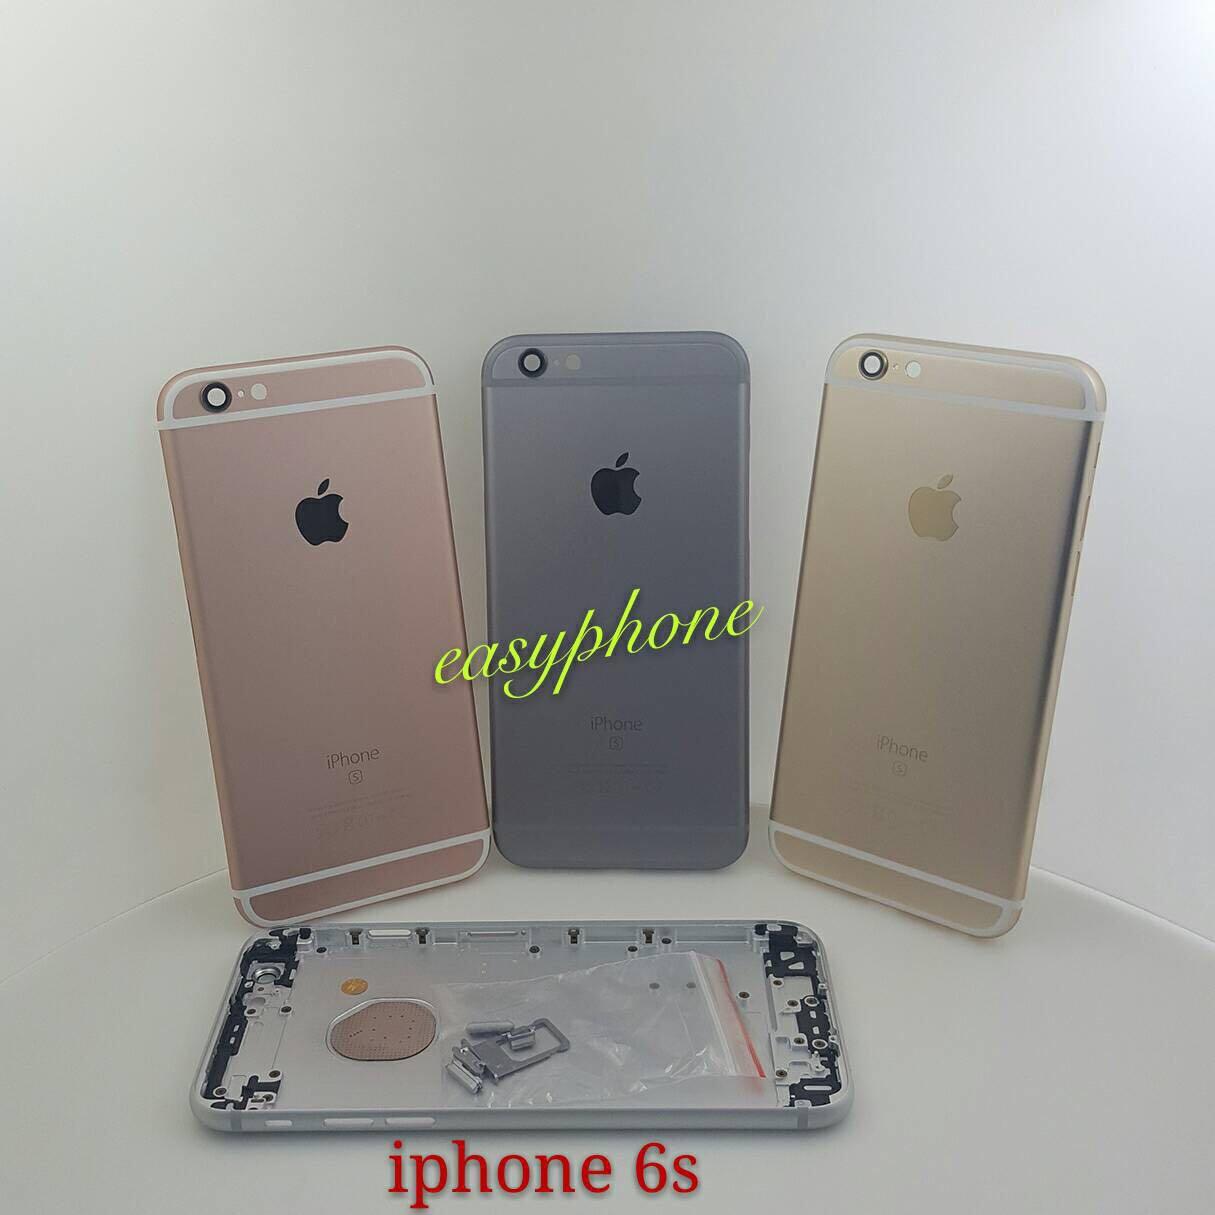 ฝาหลัง iPhone 6s ของแท้ // สีดำ / สีขาว / สีทอง / สีชมพู